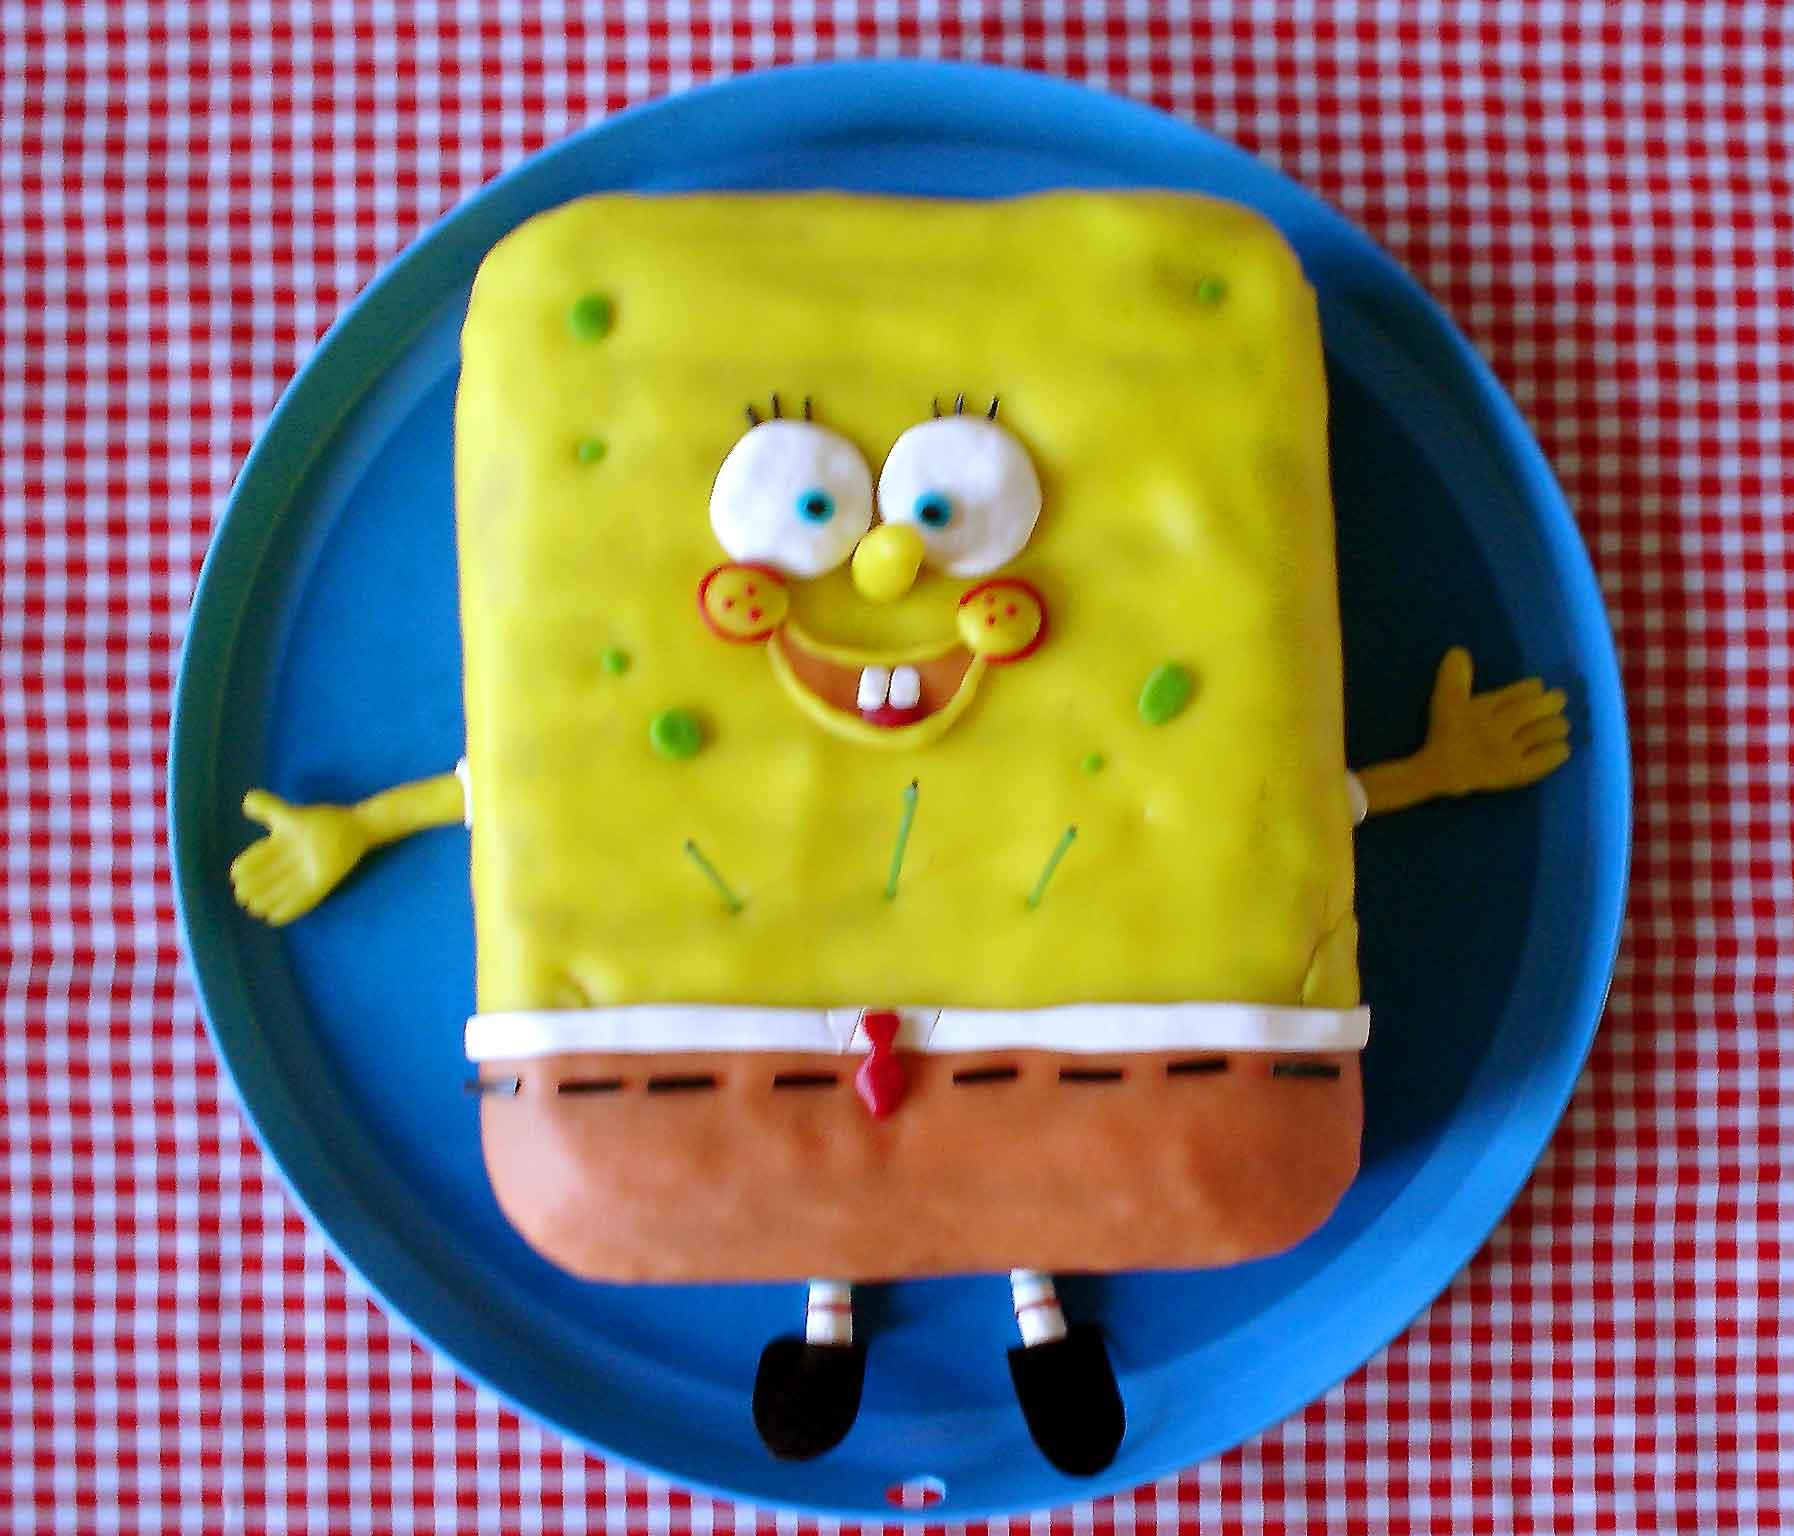 [img width=1024 height=877]http://www.devrolijketaart.nl/images/spongeBob_961.jpg[/img]